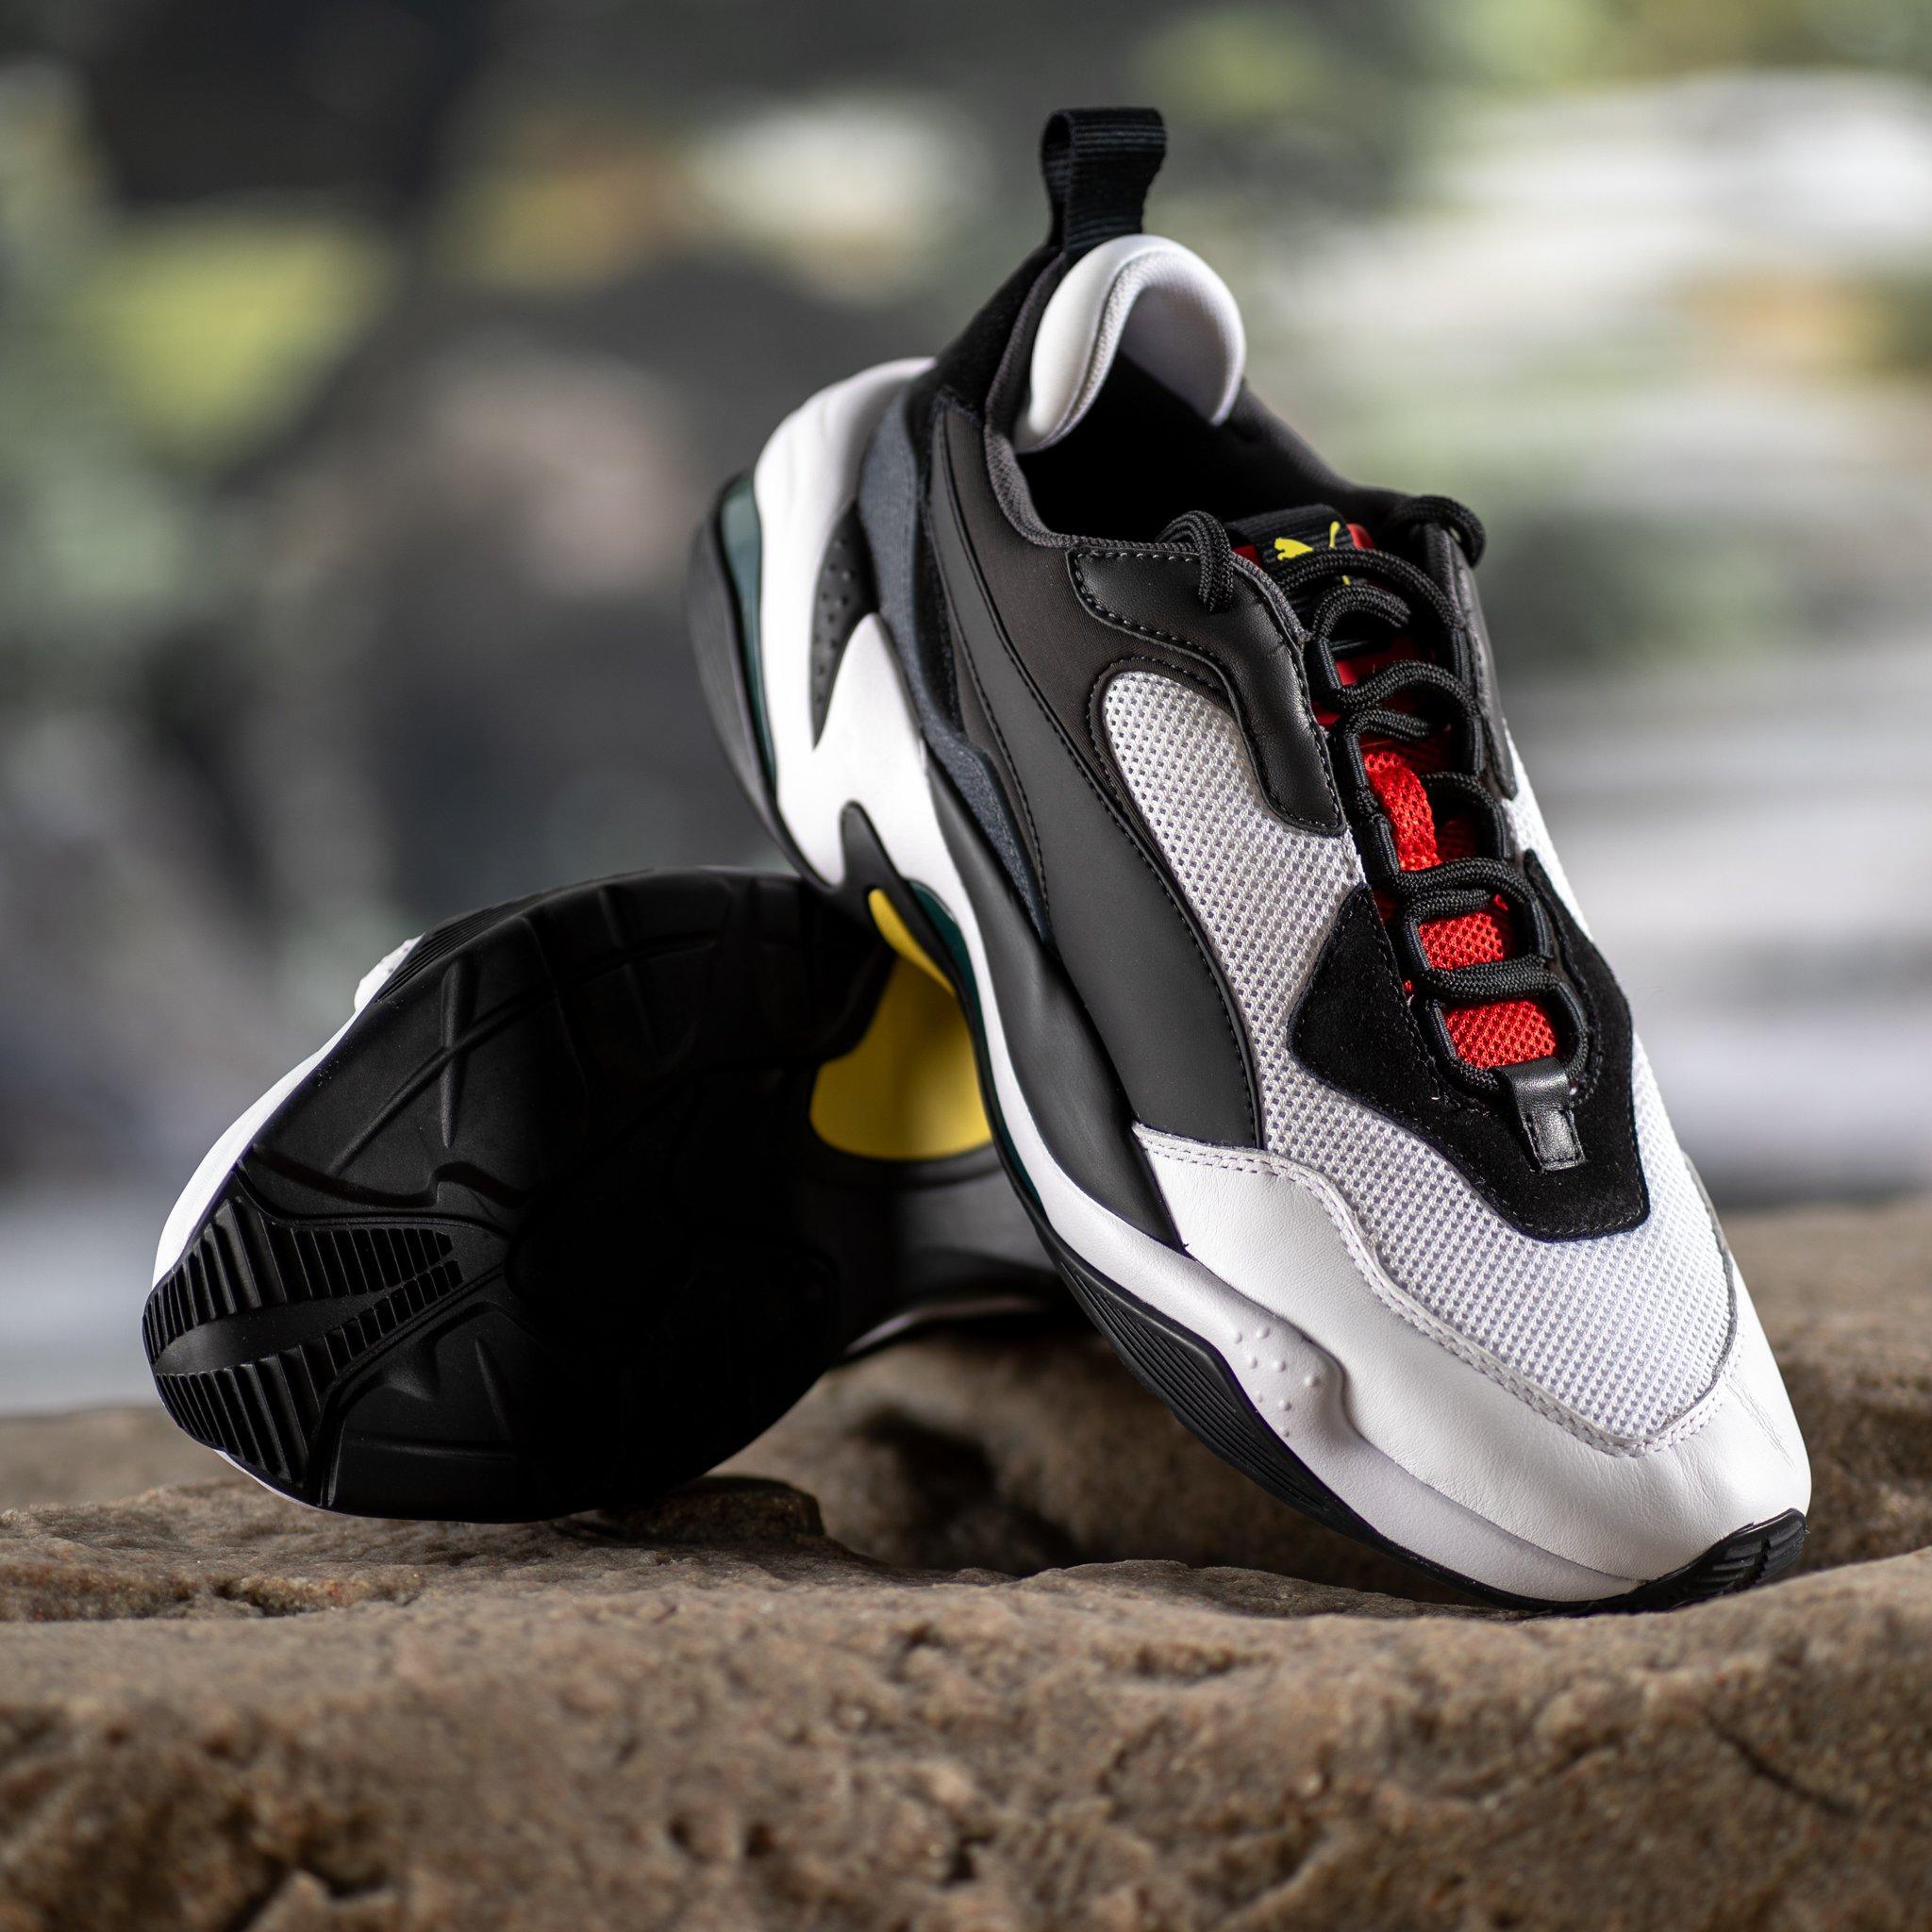 1f450fca324e71 GB S Sneaker Shop on Twitter